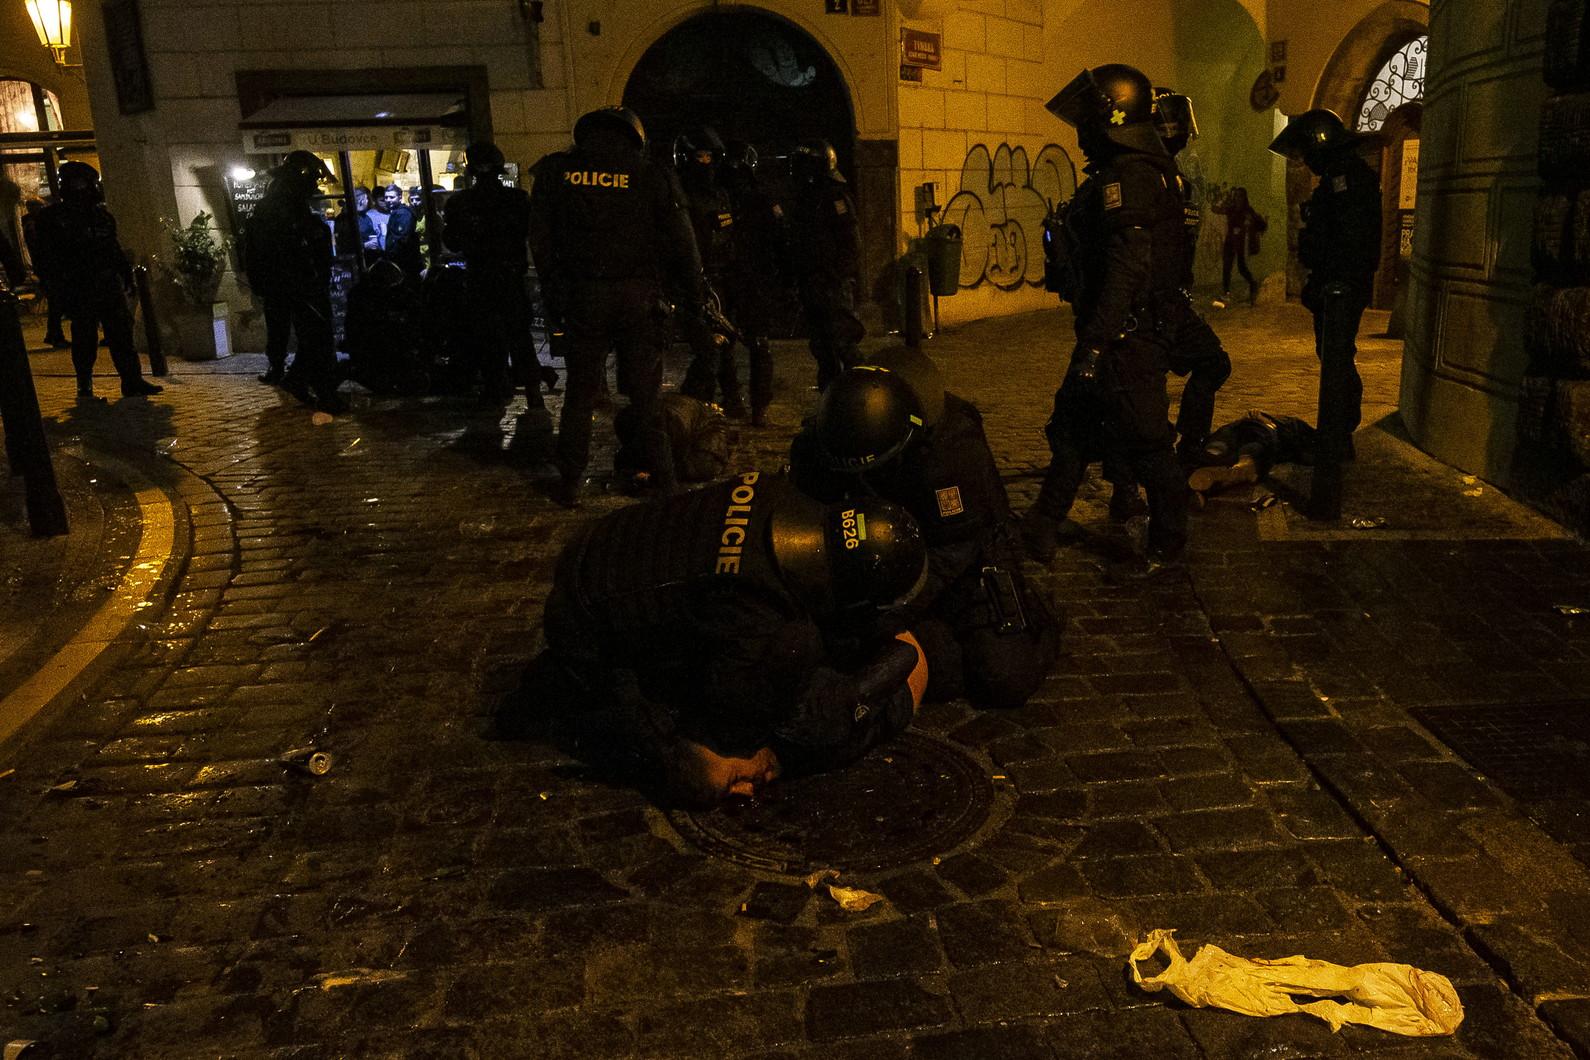 E&#39; di 31 arresti il triste bilancio degli scontri tra tifosi della Repubblica Ceca e dell&#39;Inghilterra prima del calcio d&#39;inizio della sfida di Praga. Di questi, ha fatto sapere la polizia locale, 14 sono inglesi e uno di loro &egrave; rimasto ferito negli incidenti nei pressi di due bar del centro cittadino. Gli agenti hanno risposto con granate stordenti ai tifosi che hanno lanciato bottiglie contro di loro.<br /><br />